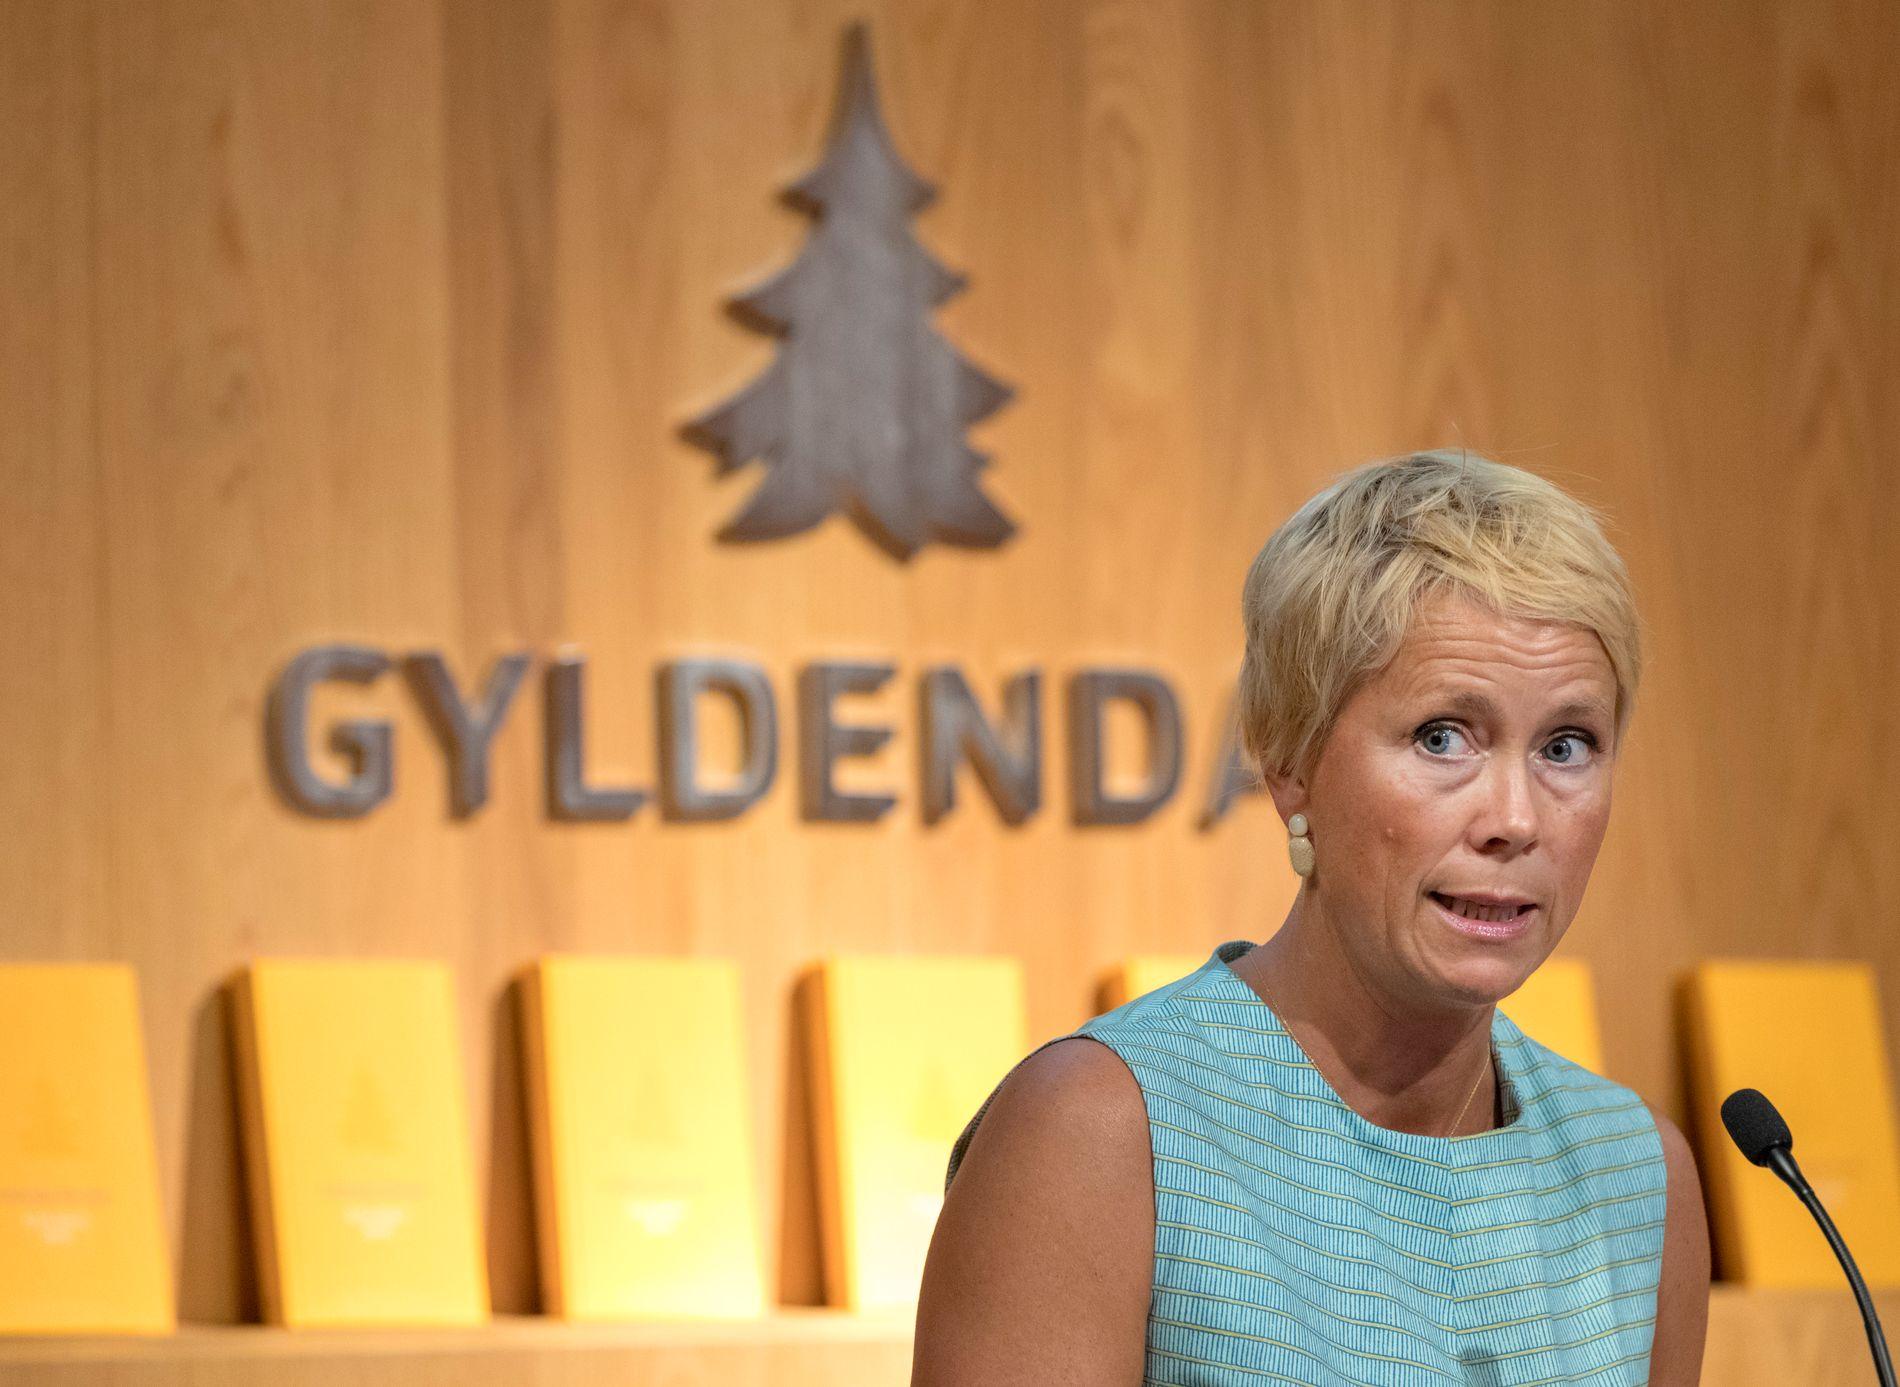 VIL HA ÅPENHET: Sjefredaktør Kari Marstein i Gyldendal ber Bokhandlerforeningen om å publisere salgstall.